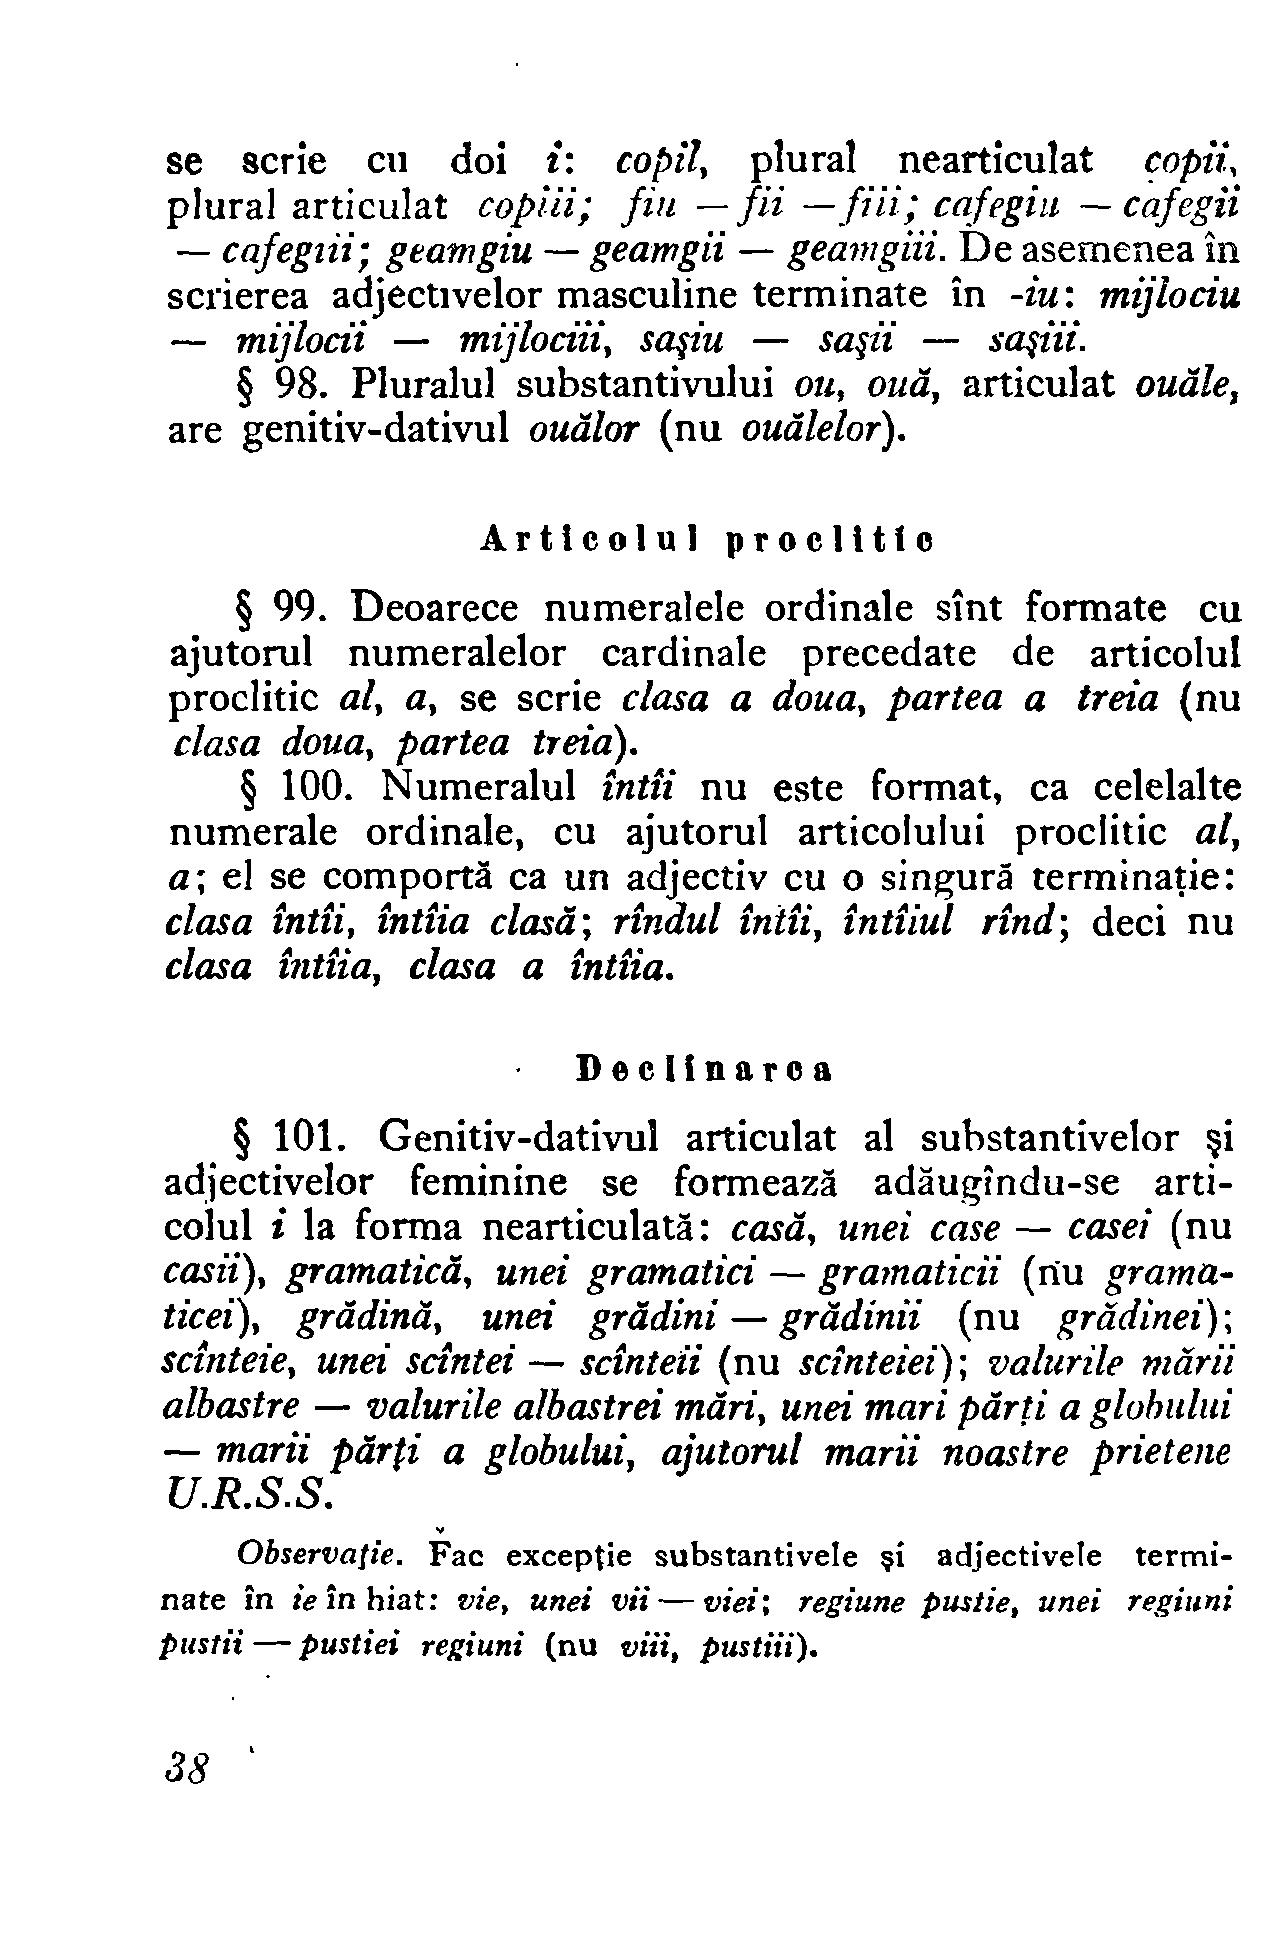 1954 - Mic dicționar ortografic (36).png